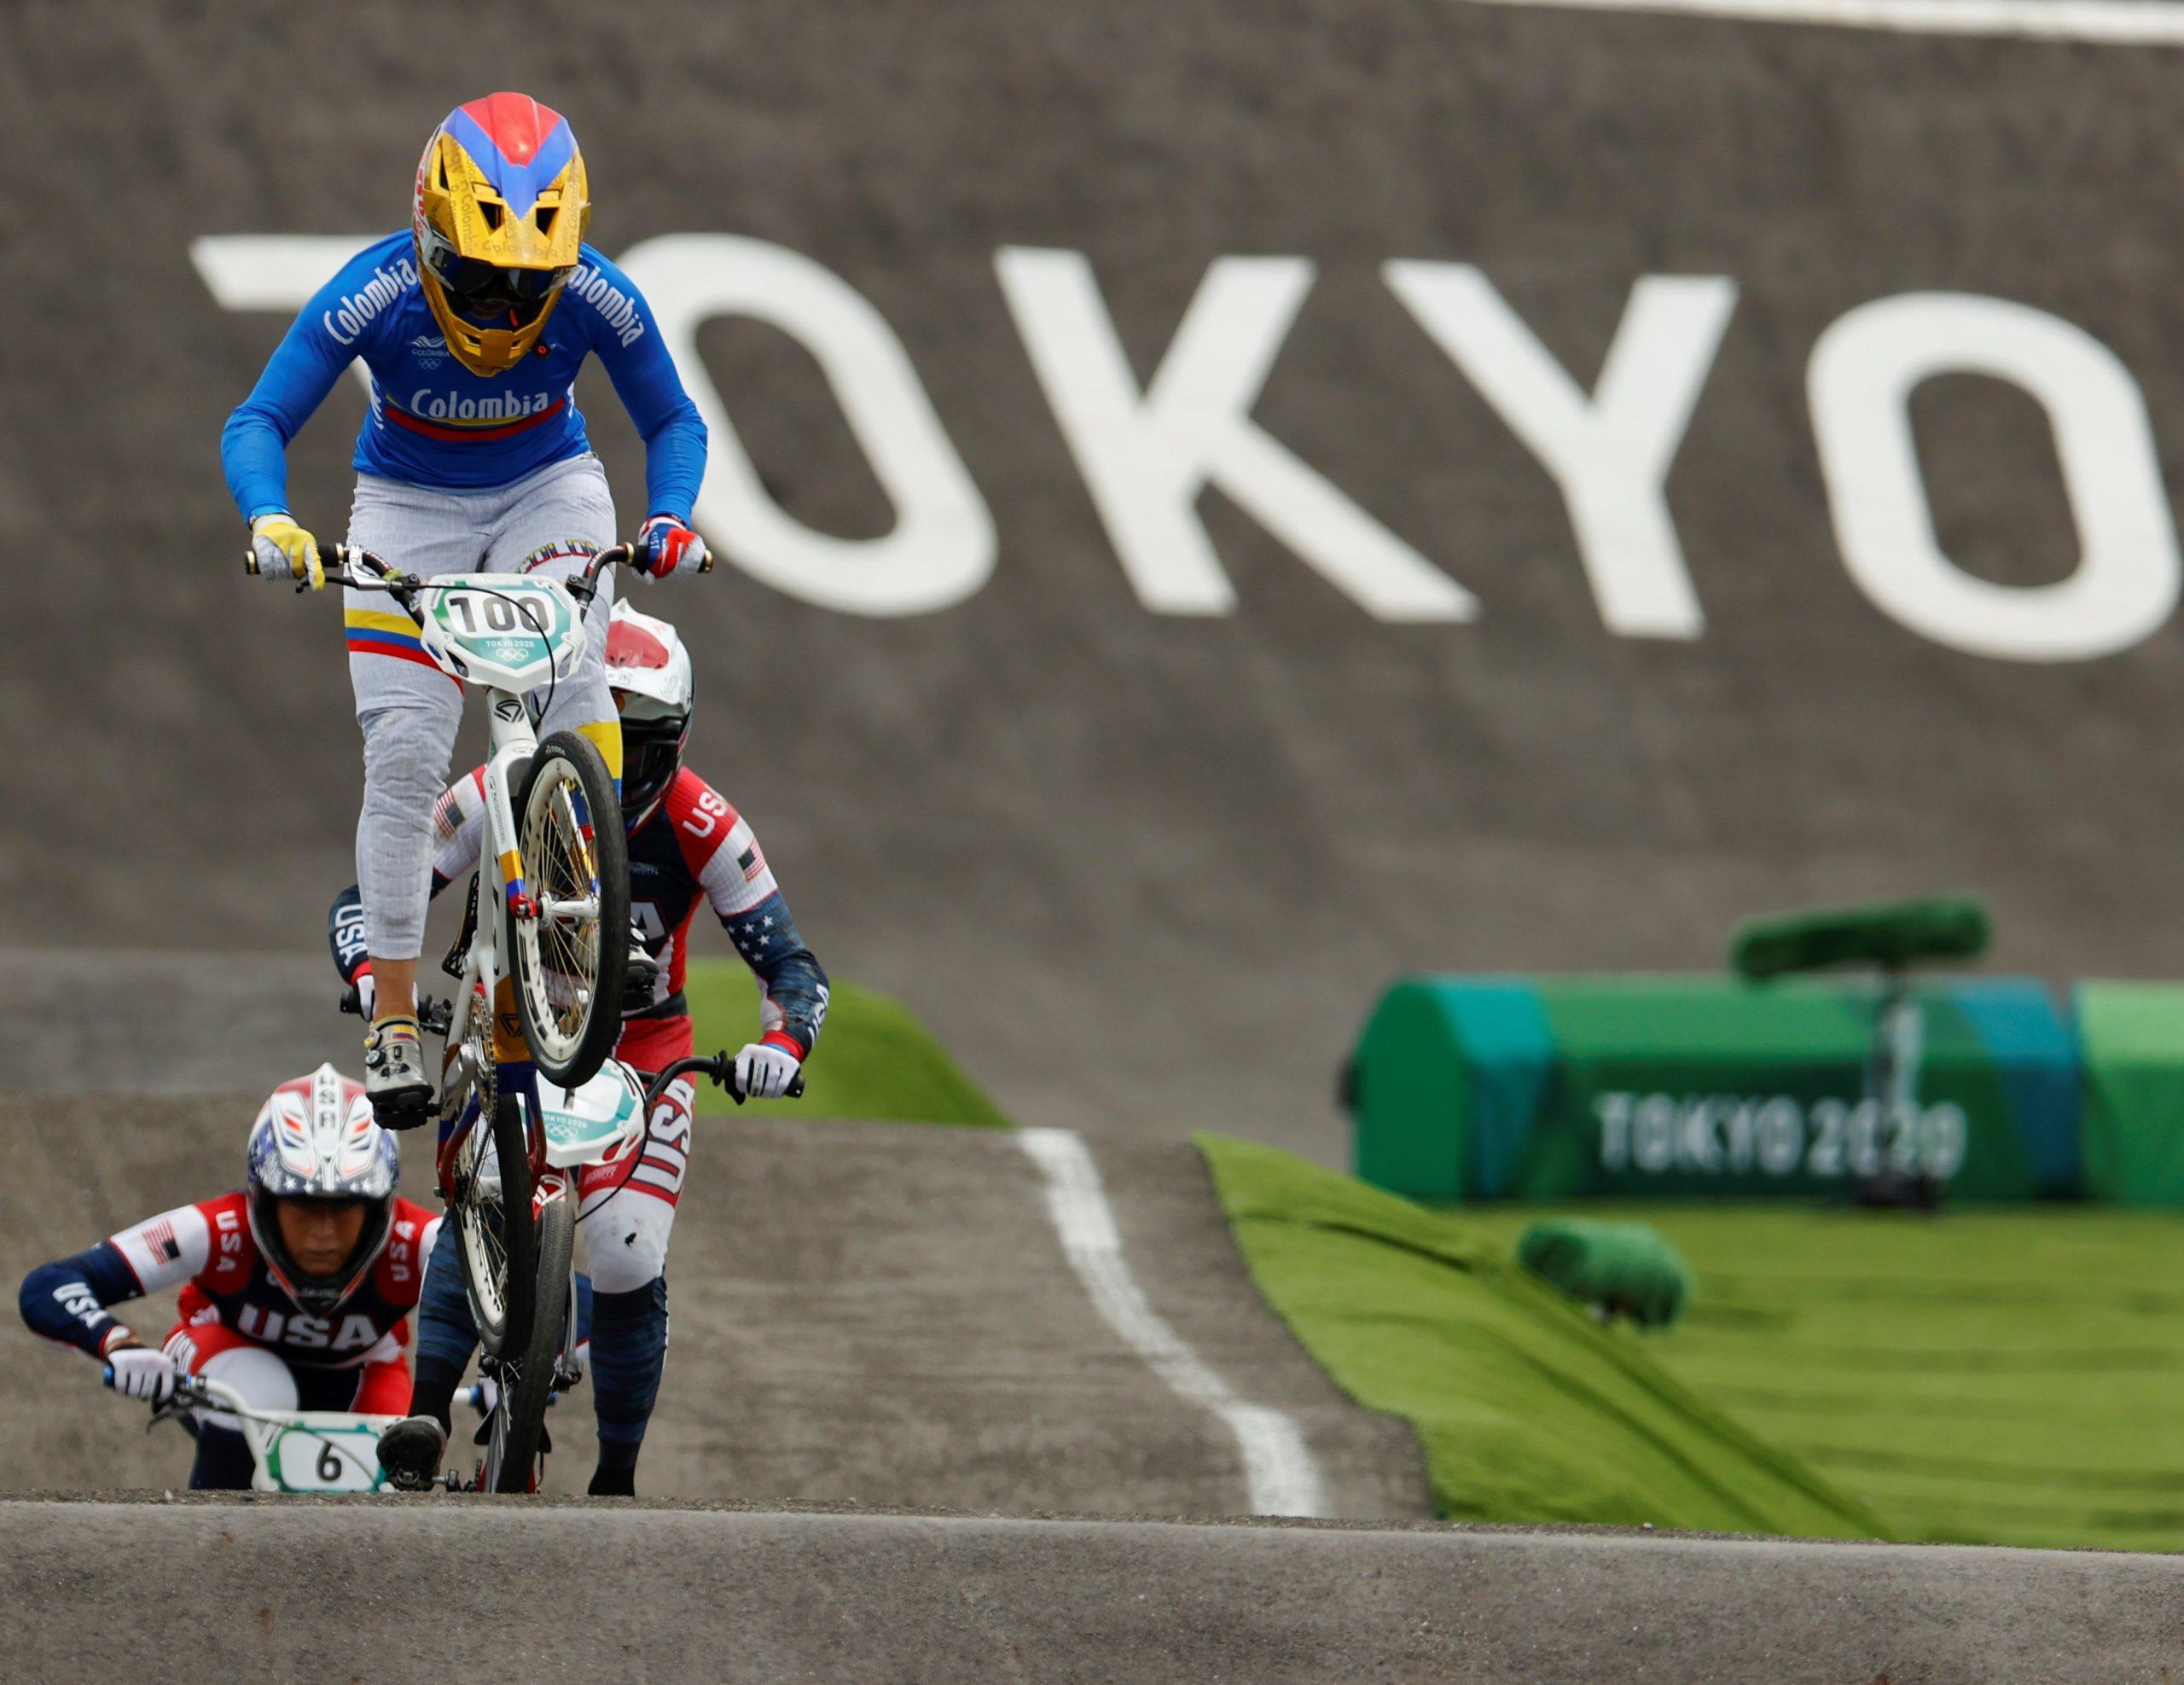 ¡Mariana, qué grande, sos la dueña del Olimpo del deporte olímpico colombiano!